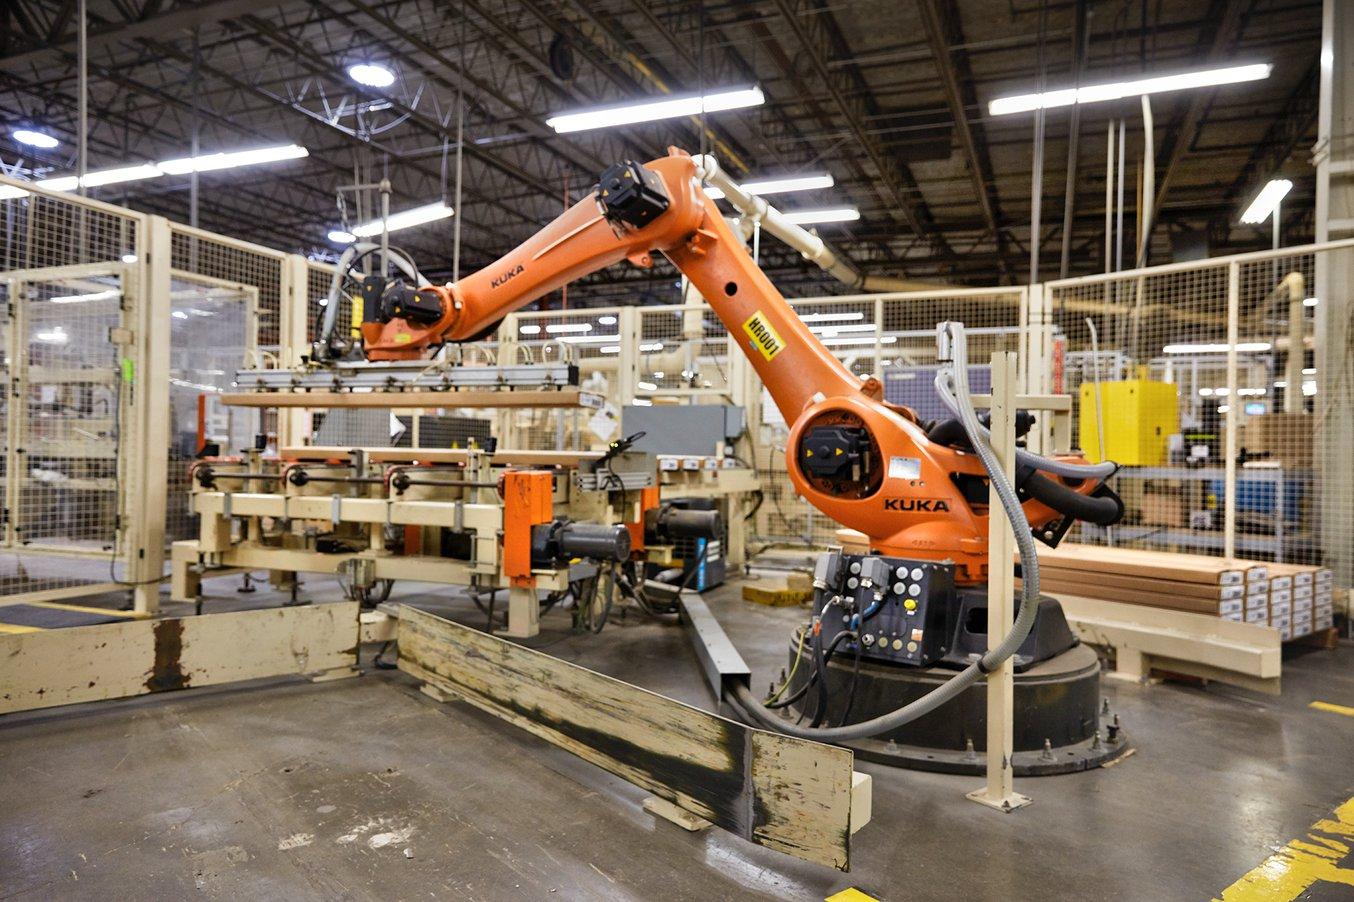 Ashley Furnitures erster Roboter, ein Palettierroboter, stapelt pro Stunde 200 Kisten perfekt aufeinander.